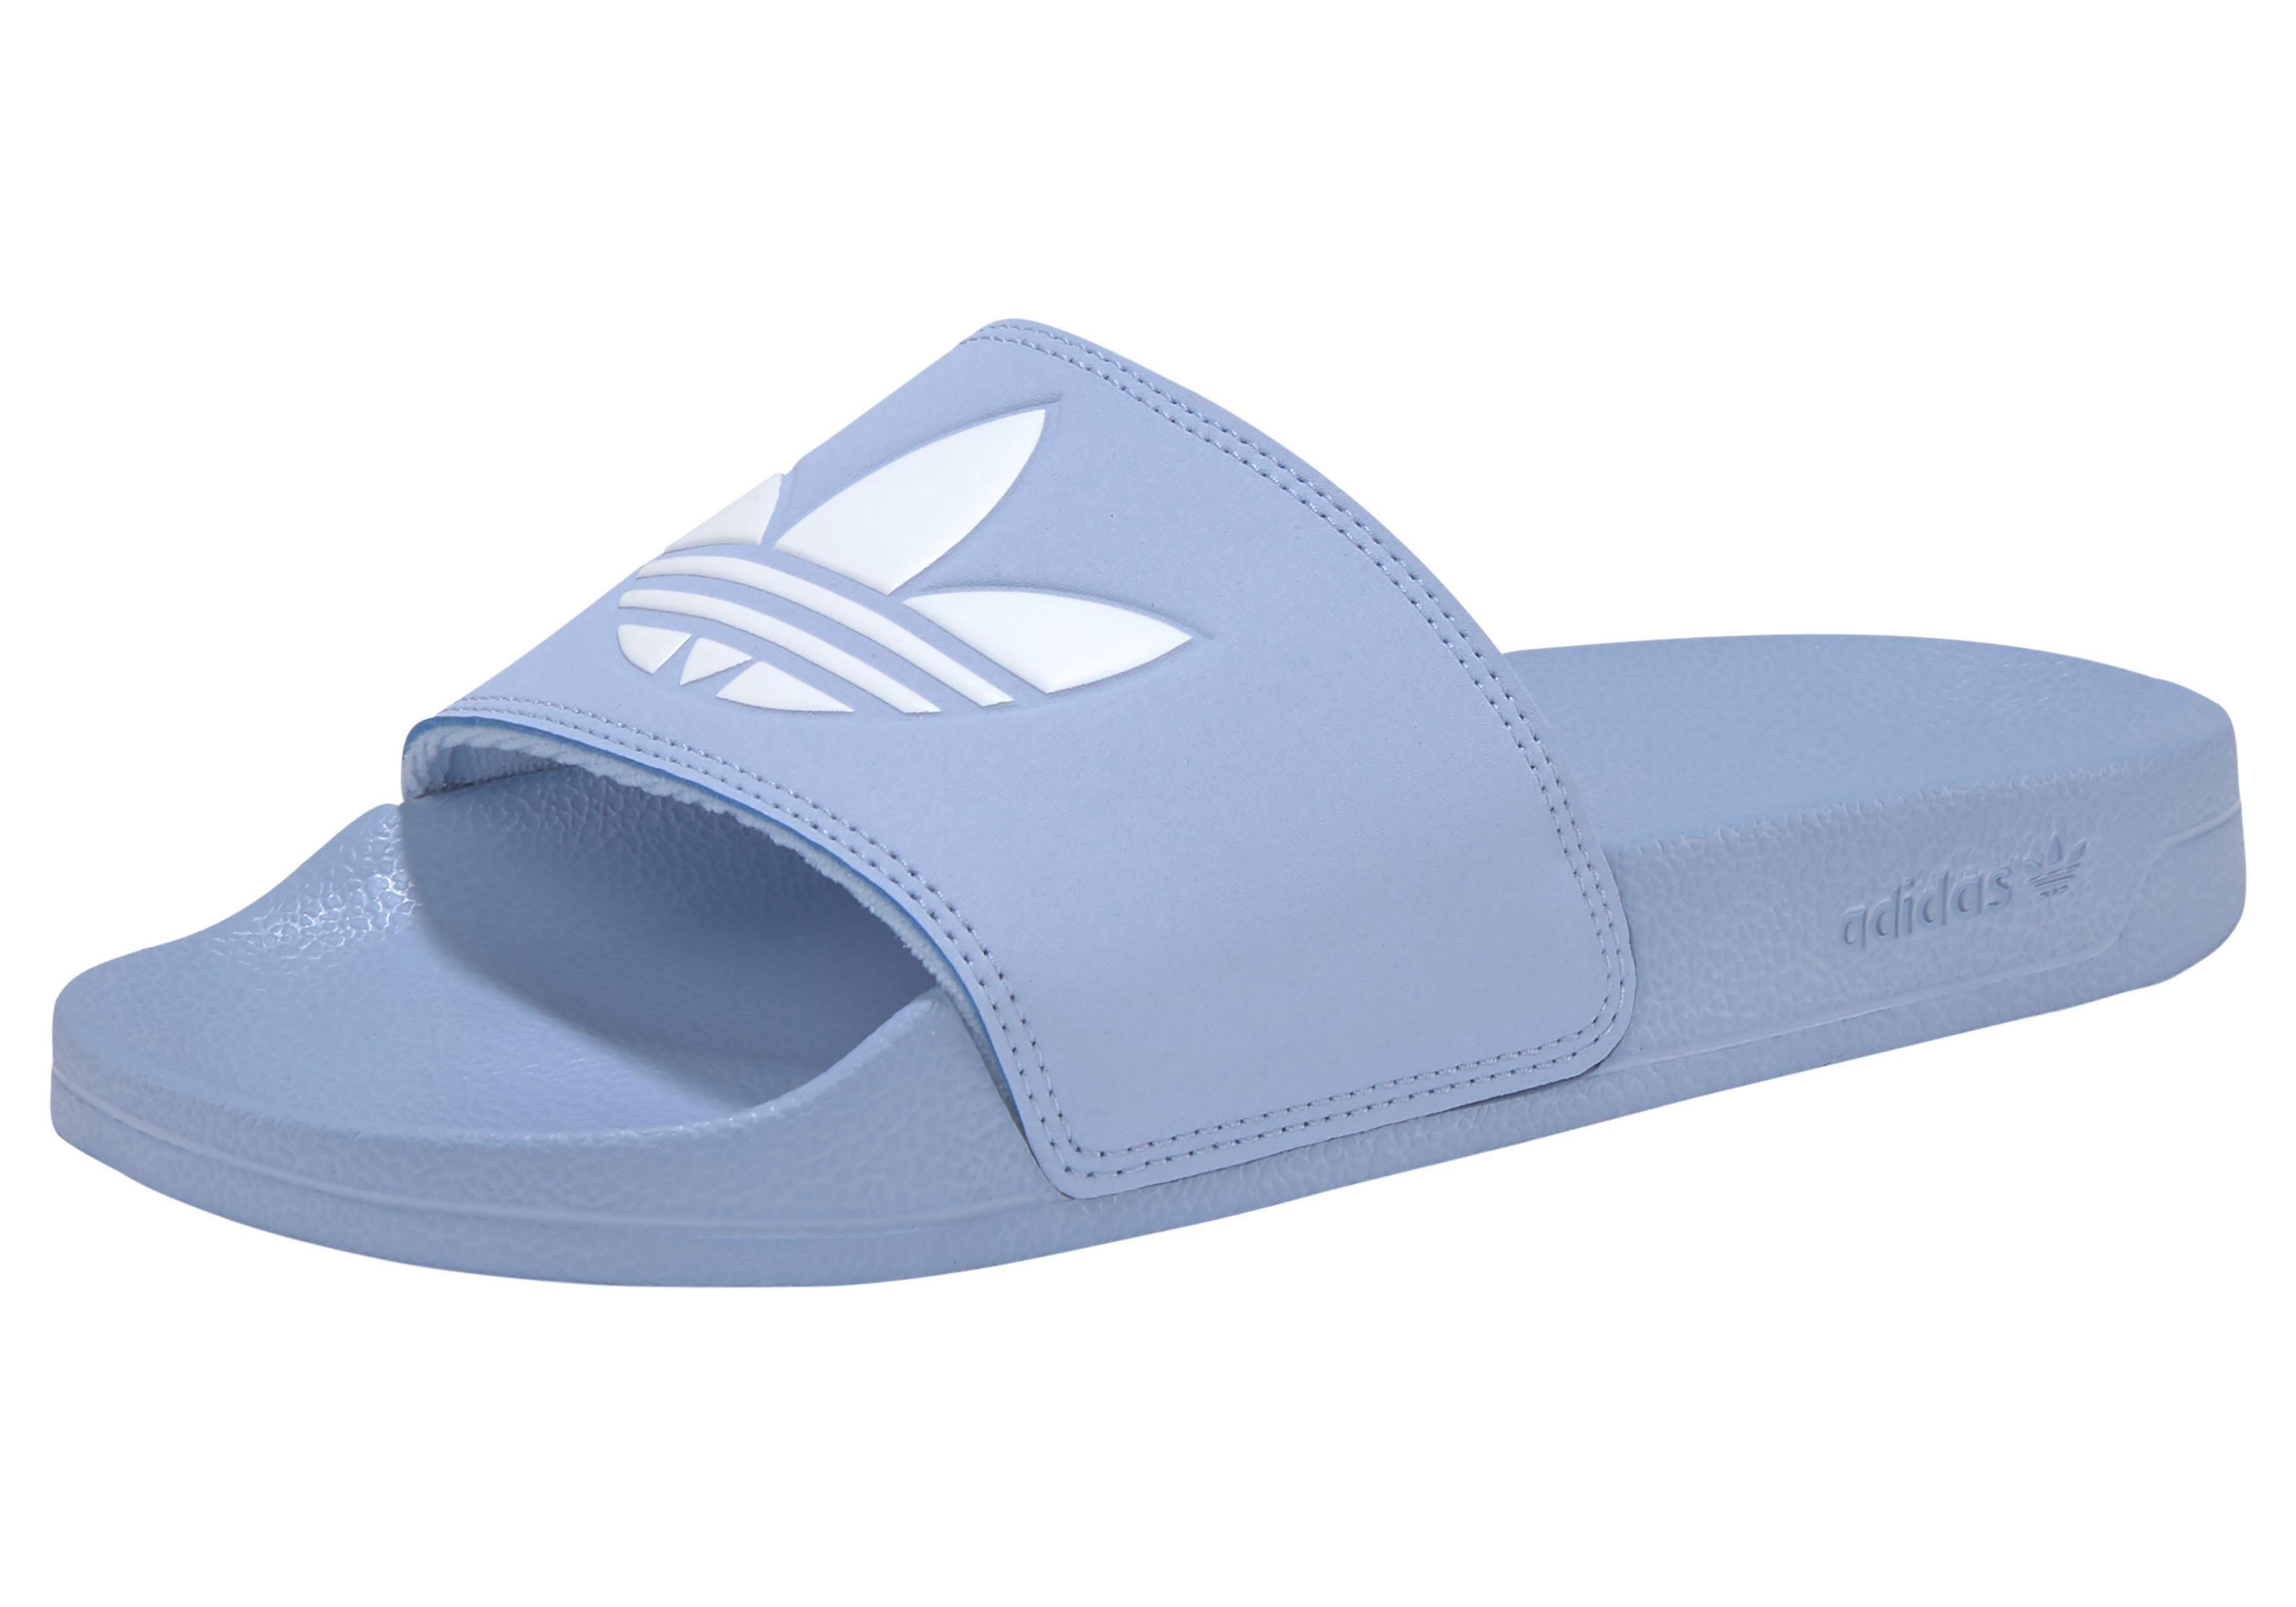 adidas Originals badslippers »Adilette Lite W« bestellen: 30 dagen bedenktijd